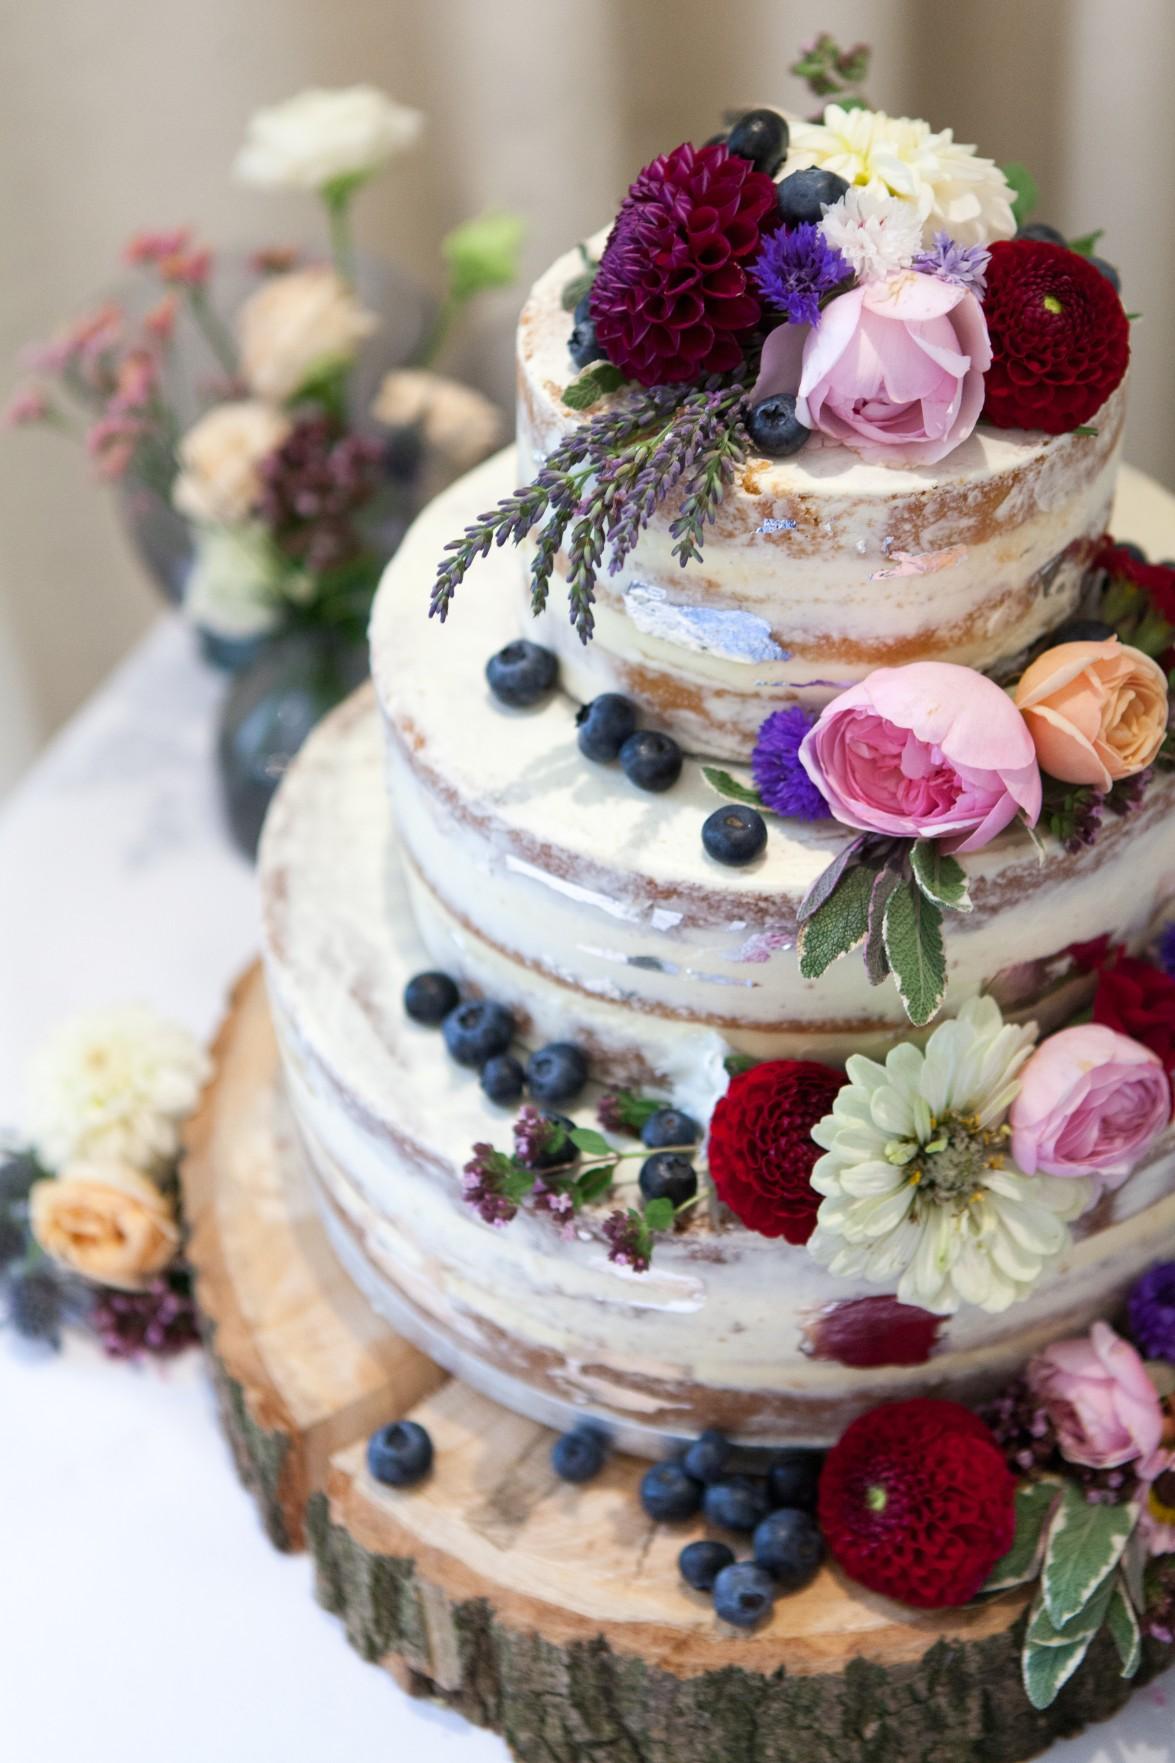 naked wedding cake with flower decoration - unique wedding cakes